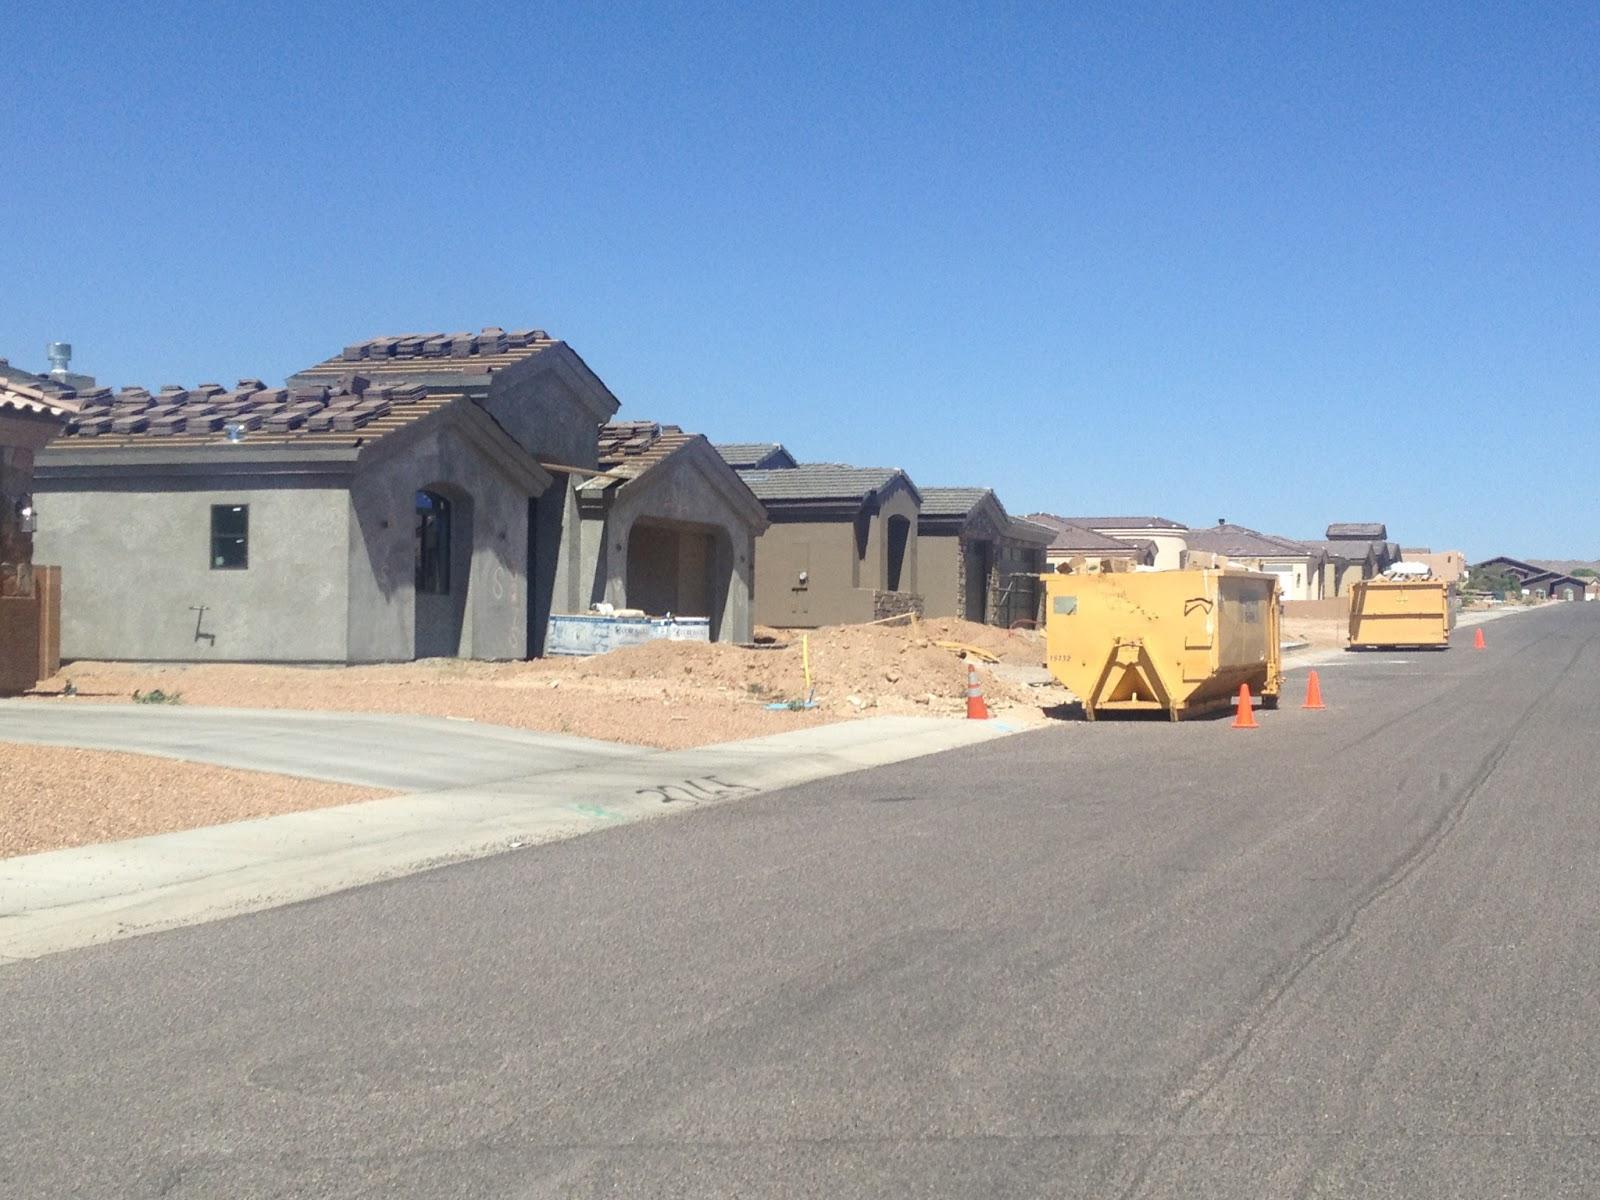 New Homes For Sale In Kingman Az